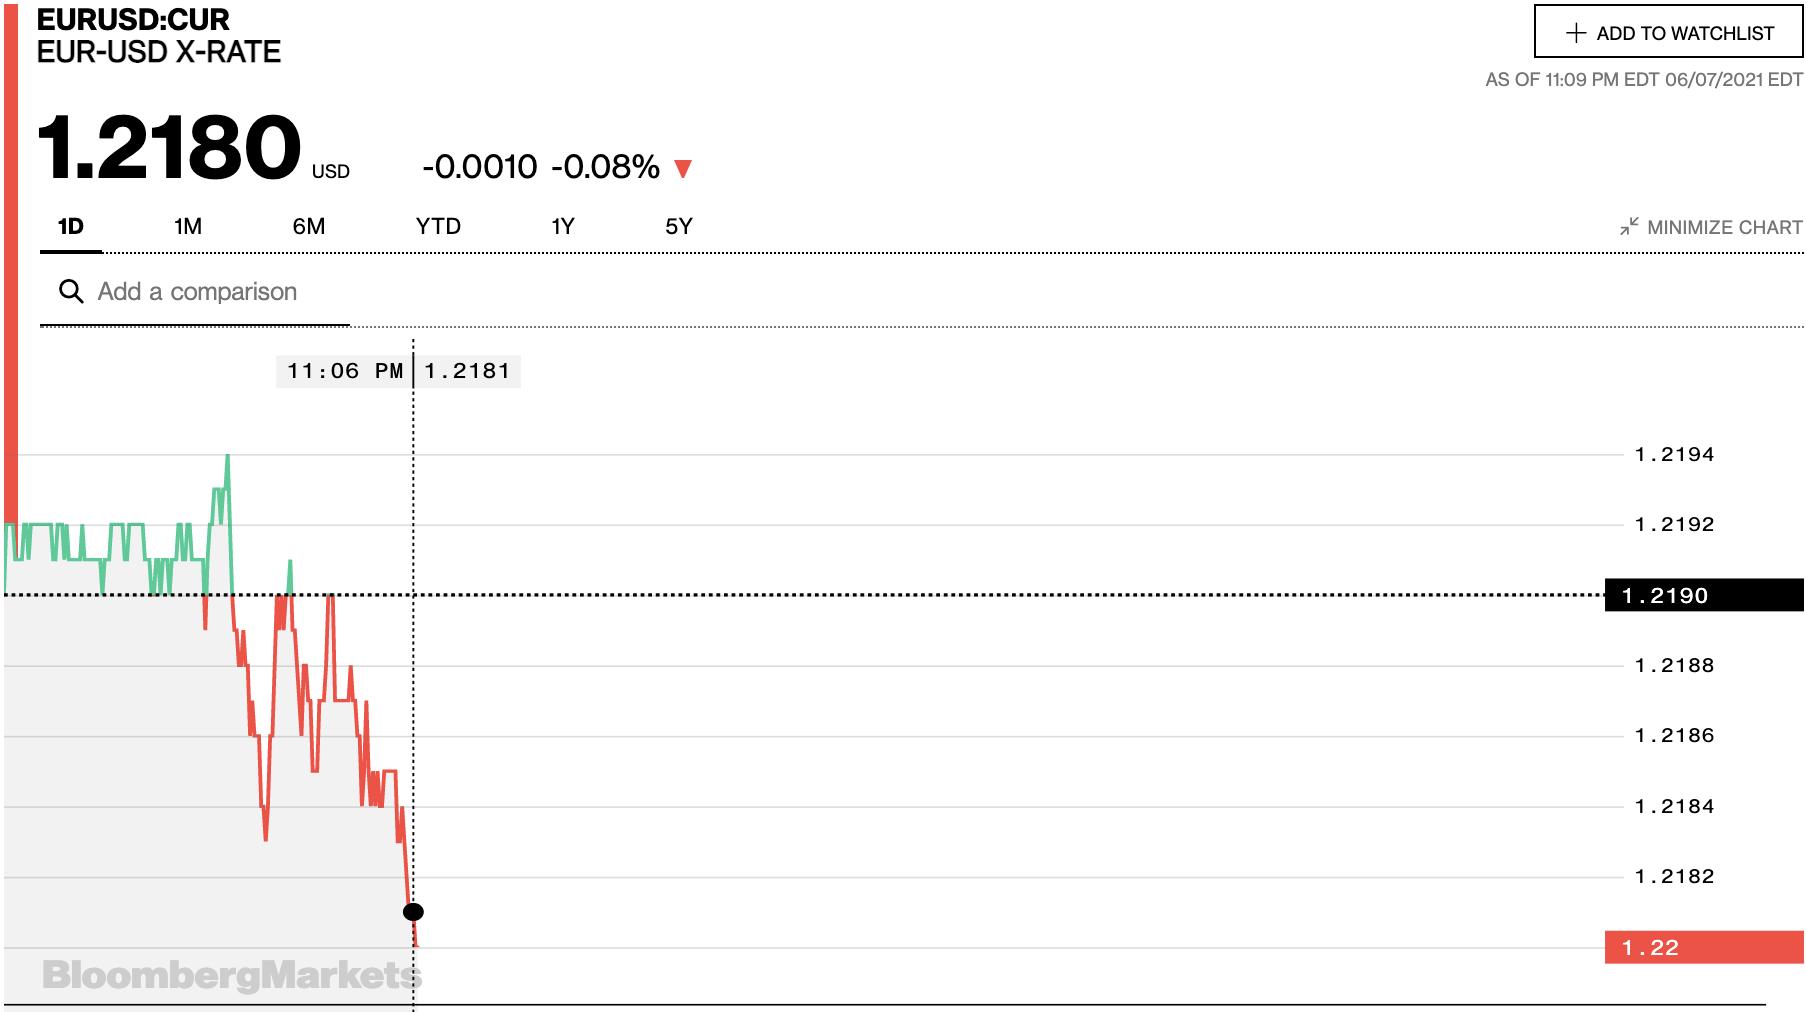 Tỷ giá euro hôm nay 8/6: Giảm đồng loạt tại các ngân hàng - Ảnh 2.